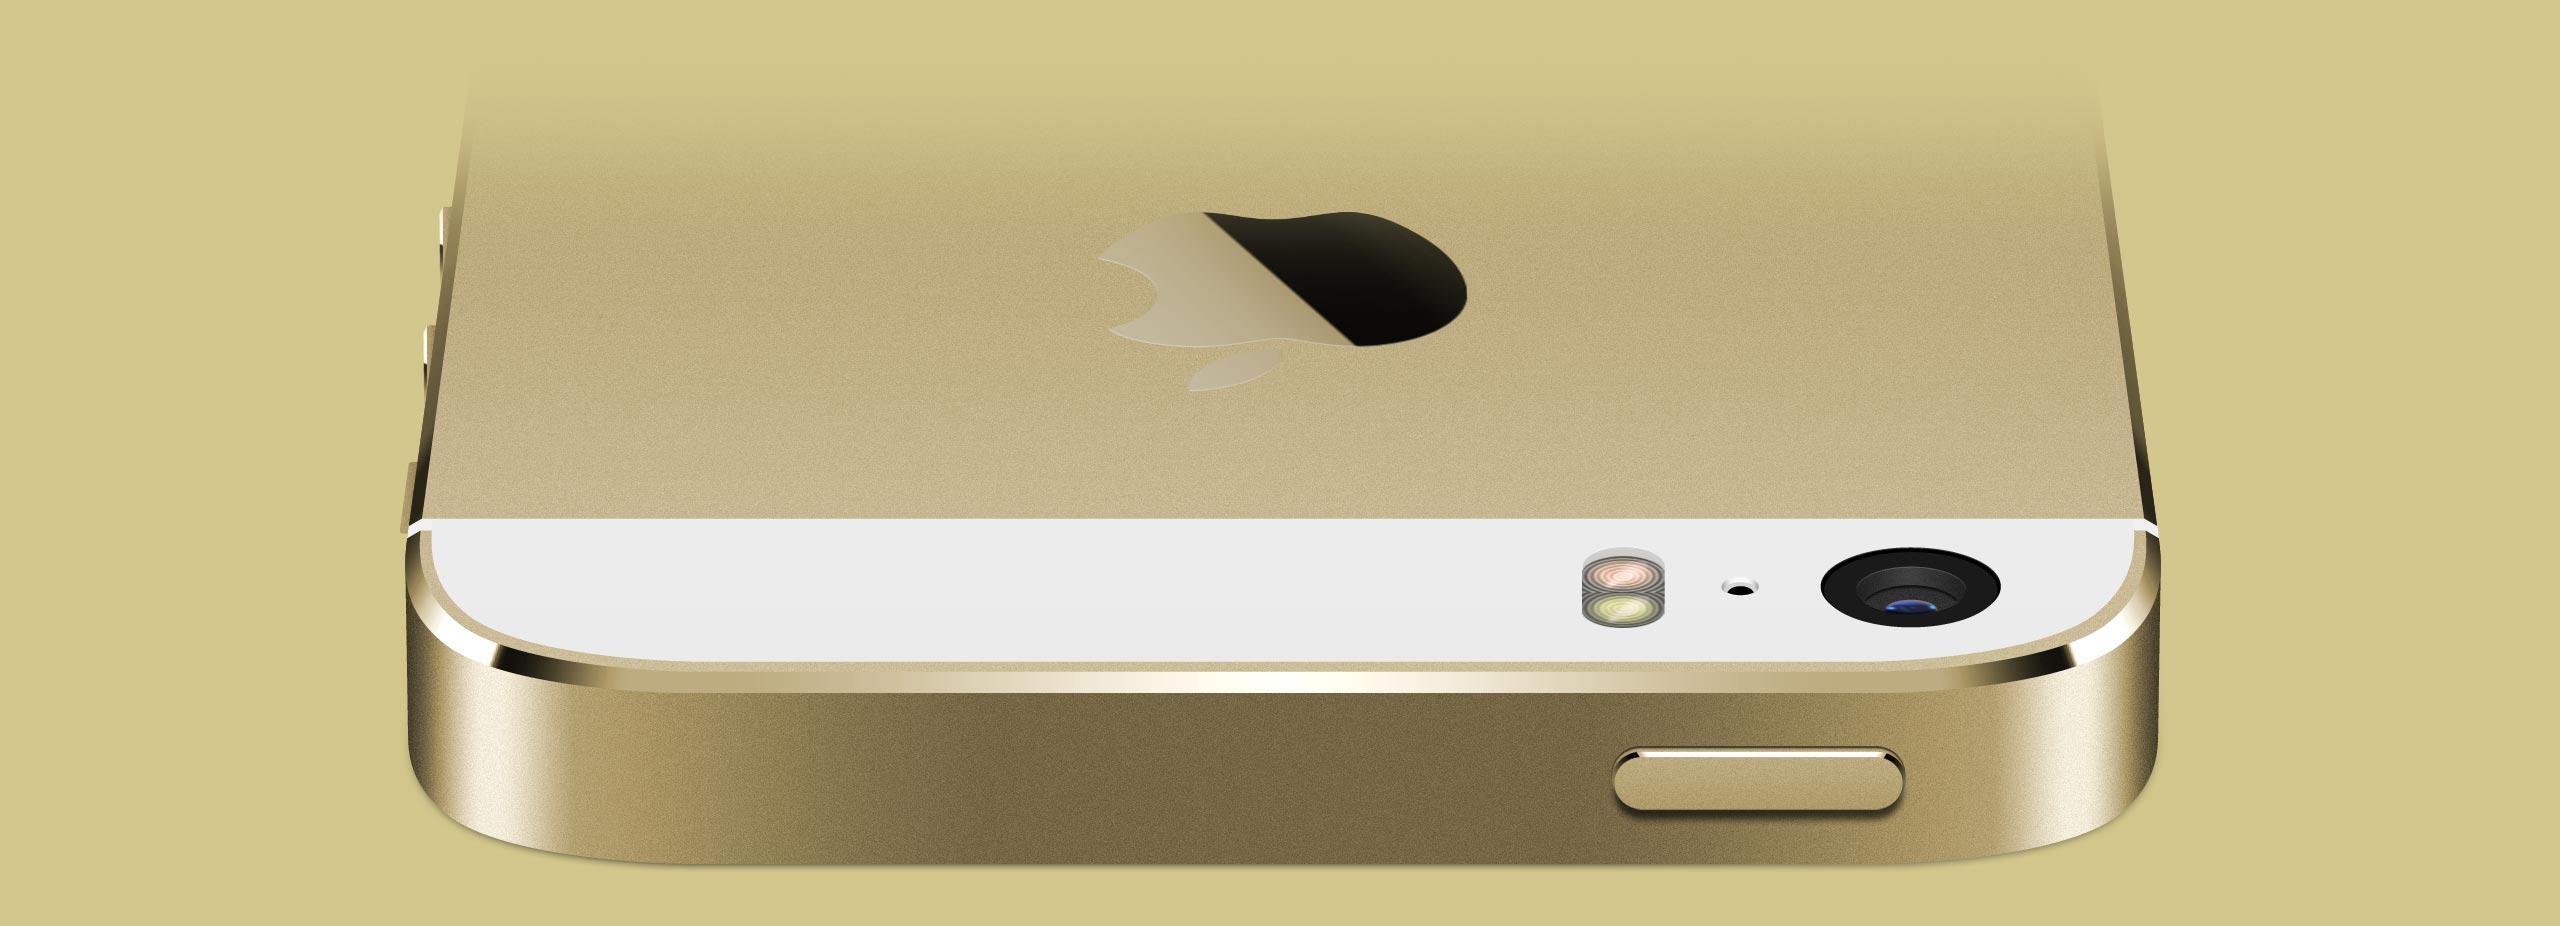 Золотой iPhone 5s, вид сверху